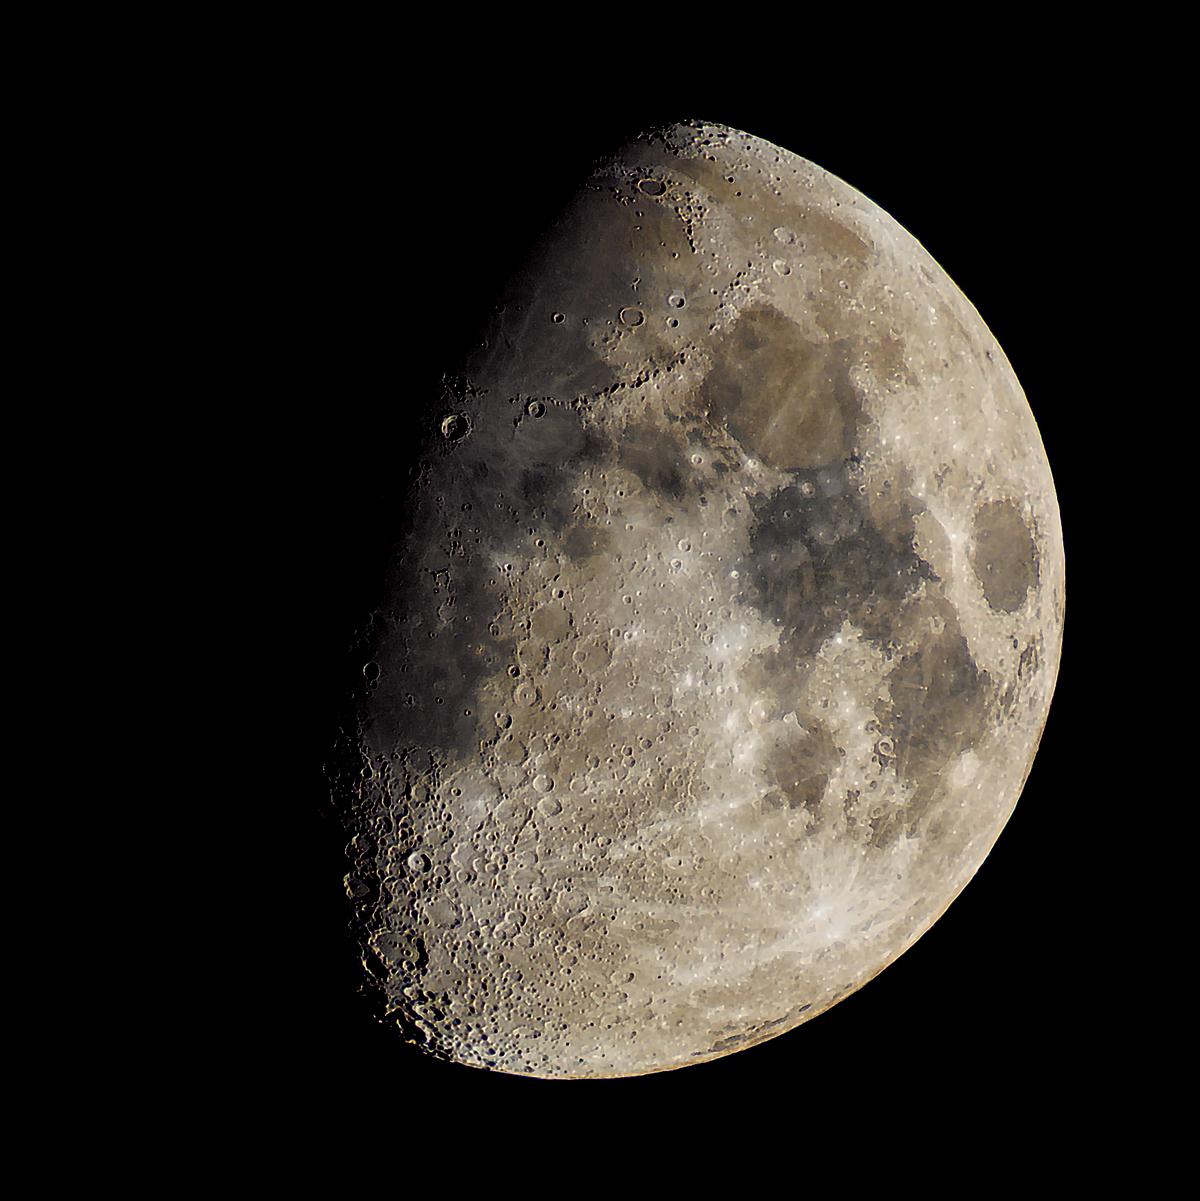 Wie fotografiert man den Mond